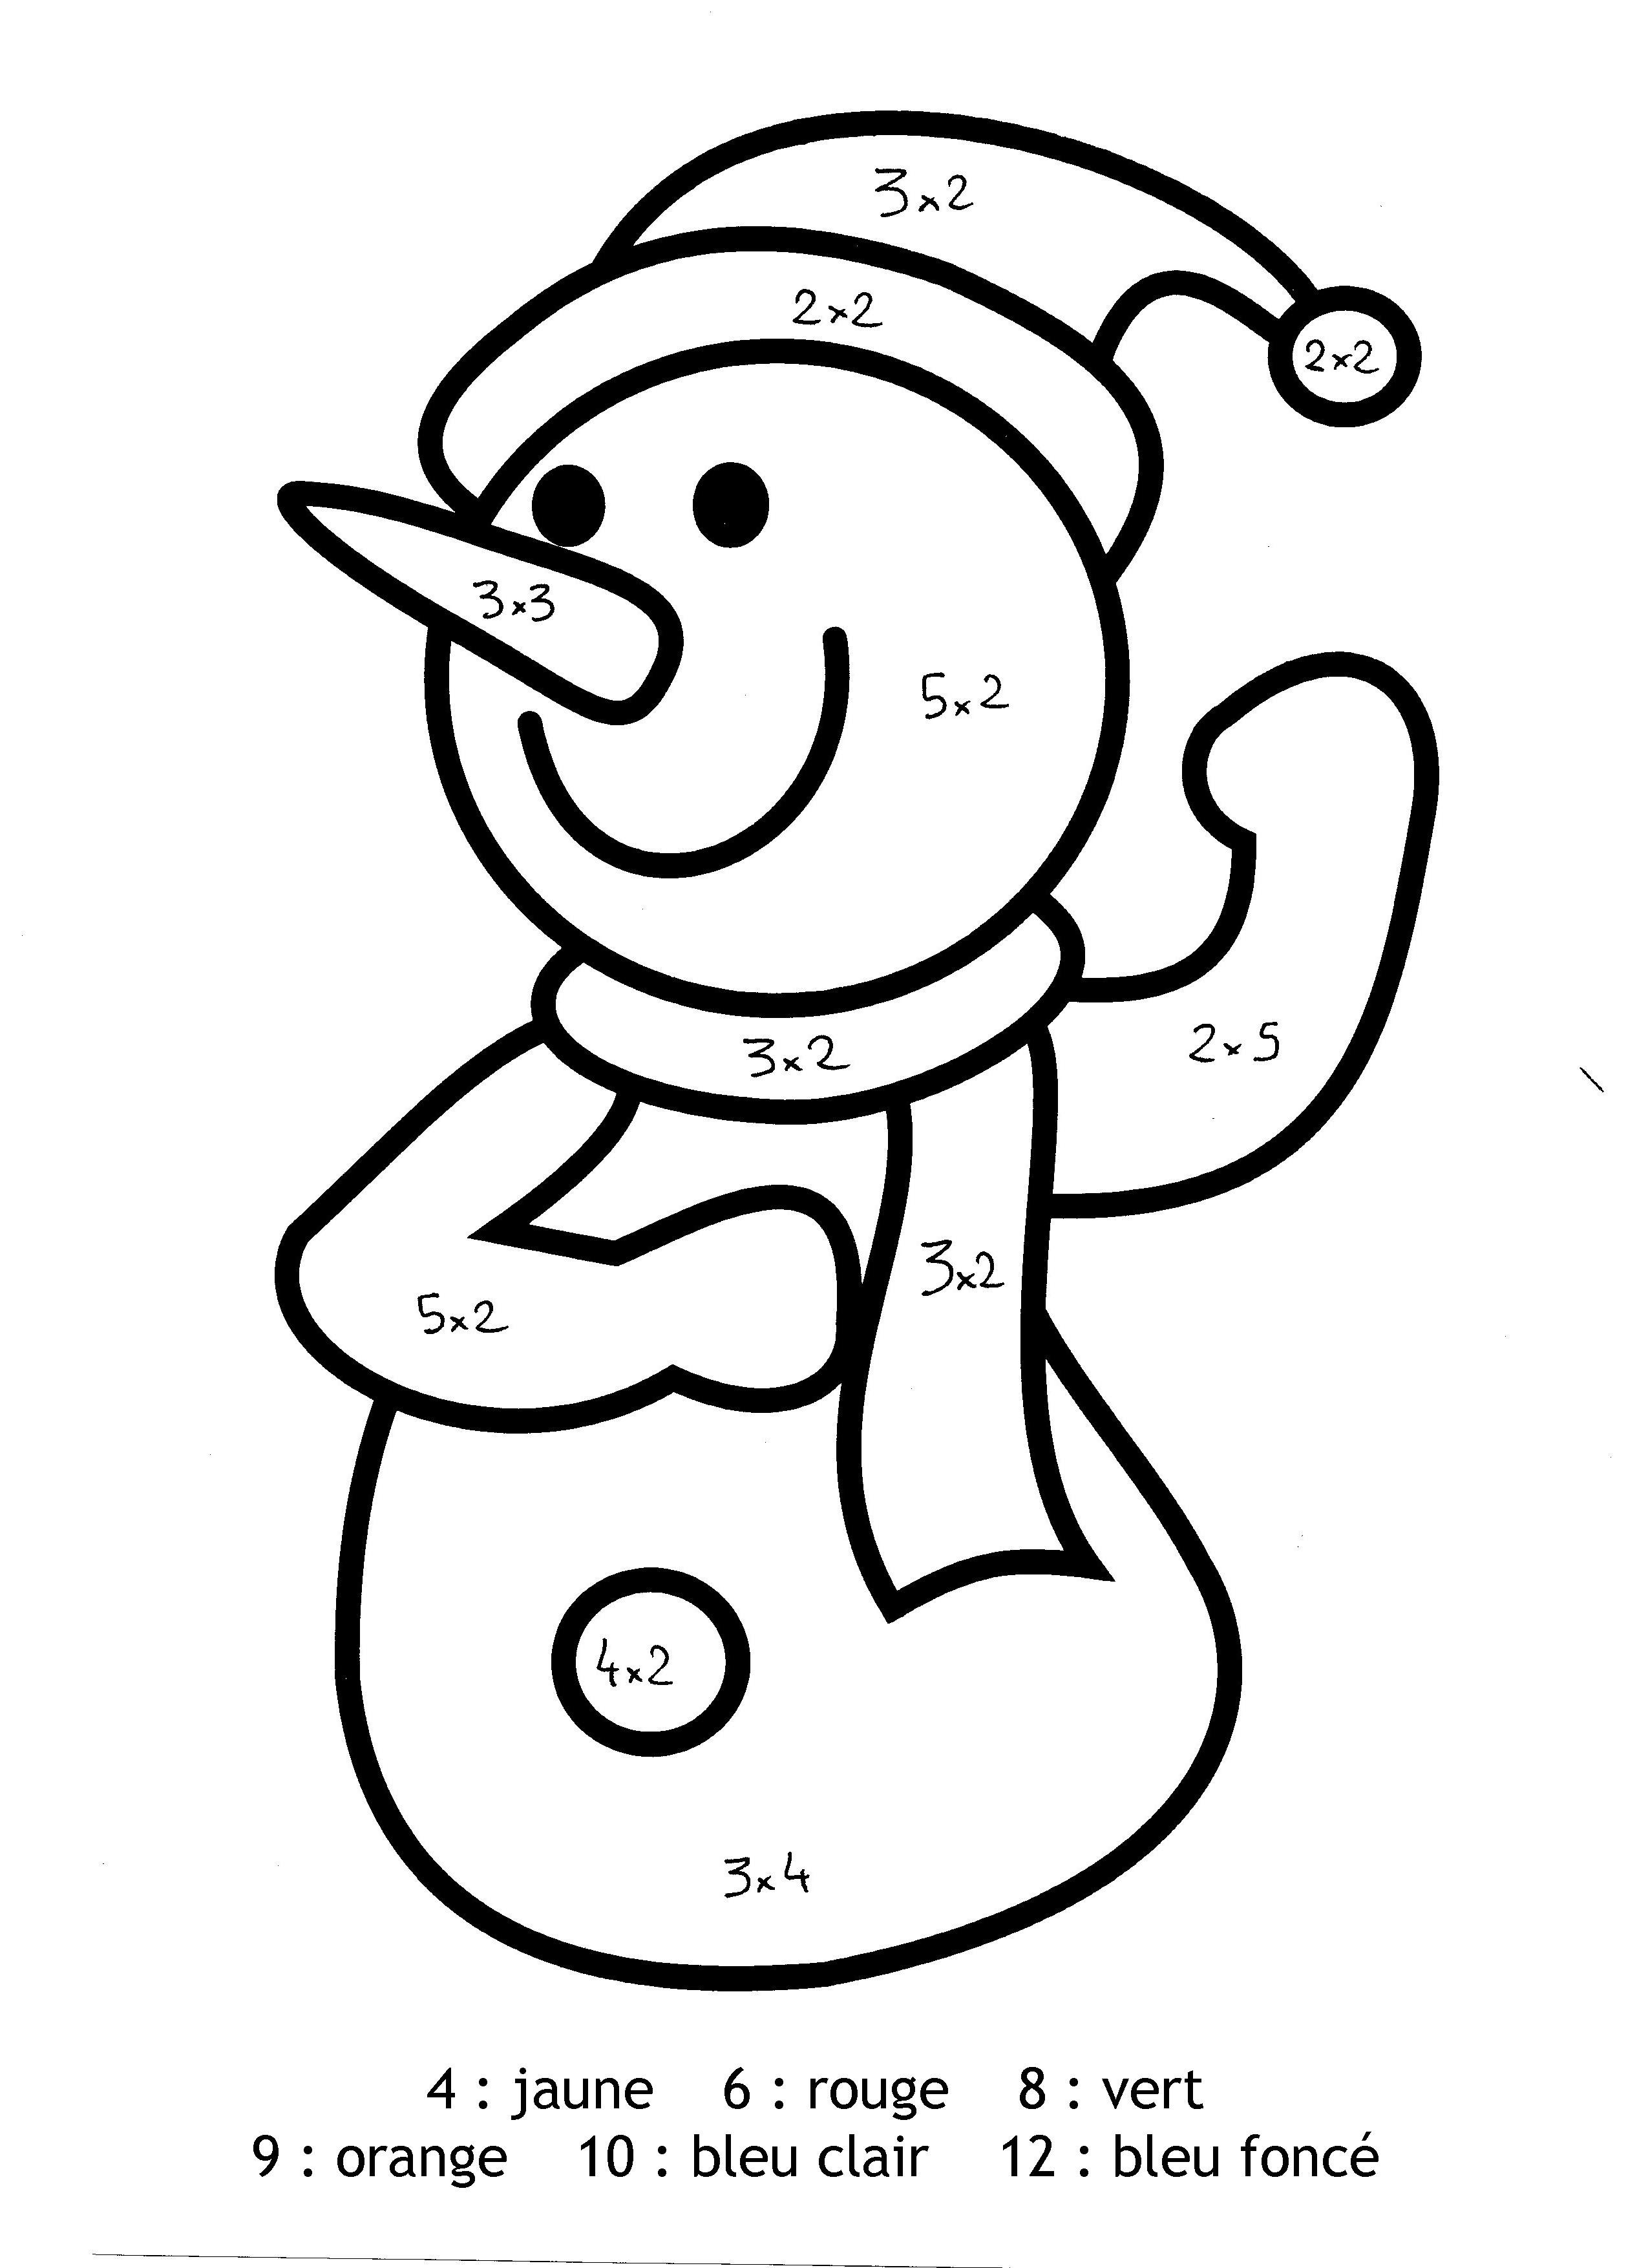 Luxe dessin a colorier gratuit bonhomme de neige - Site de coloriage gratuit ...